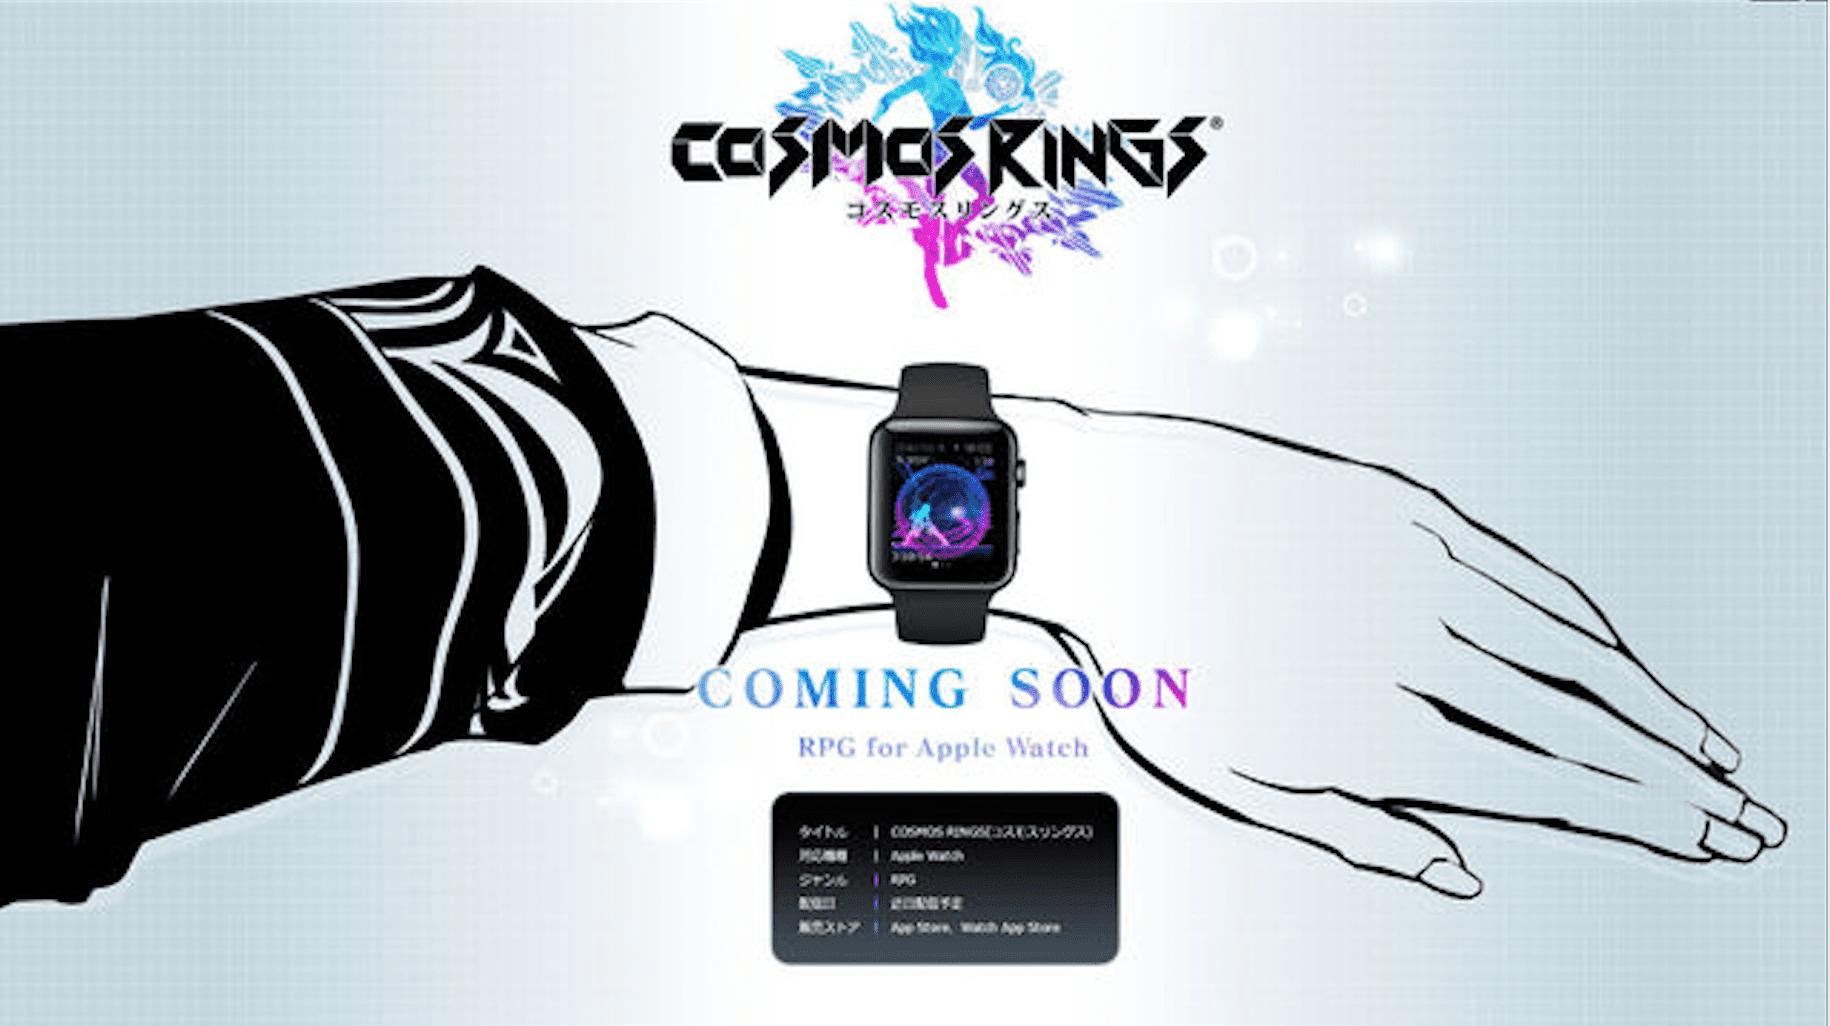 Cosmo RIng, el RPG exclusivo para Apple Watch de Square Enix